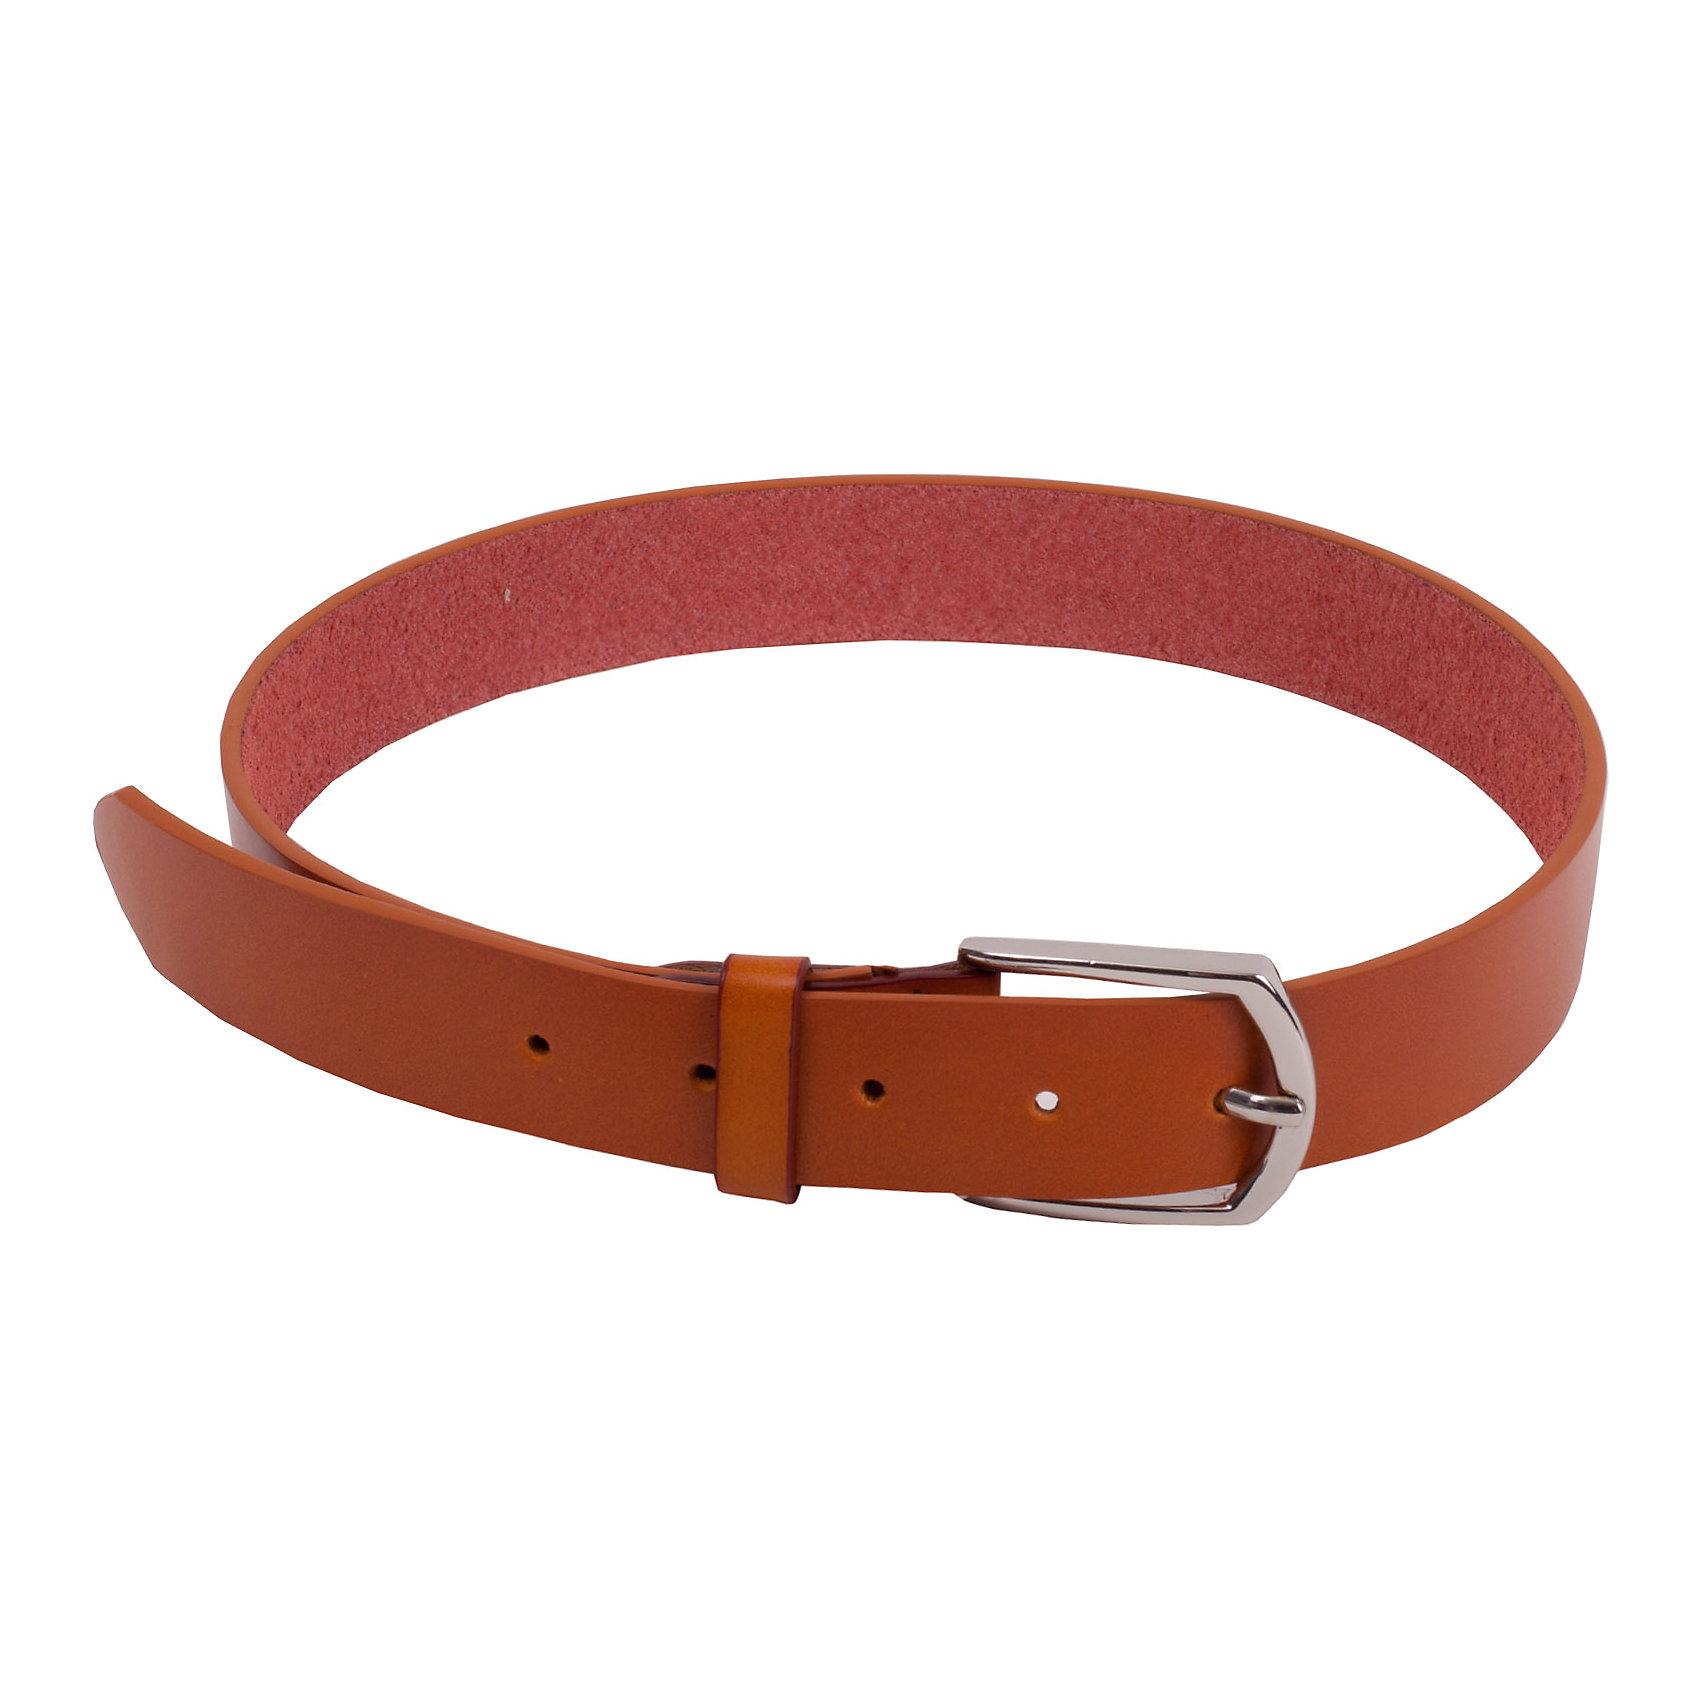 Ремень для мальчика GulliverРемни и подтяжки<br>Рыжий кожаный пояс в гардеробе ребенка - аксессуар из разряда must have! Он придаст образу завершенность, красиво дополнив и повседневный, и нарядный комплект.<br>Состав:<br>кожа<br><br>Ширина мм: 170<br>Глубина мм: 157<br>Высота мм: 67<br>Вес г: 117<br>Цвет: коричневый<br>Возраст от месяцев: 84<br>Возраст до месяцев: 180<br>Пол: Мужской<br>Возраст: Детский<br>Размер: one size<br>SKU: 5483449